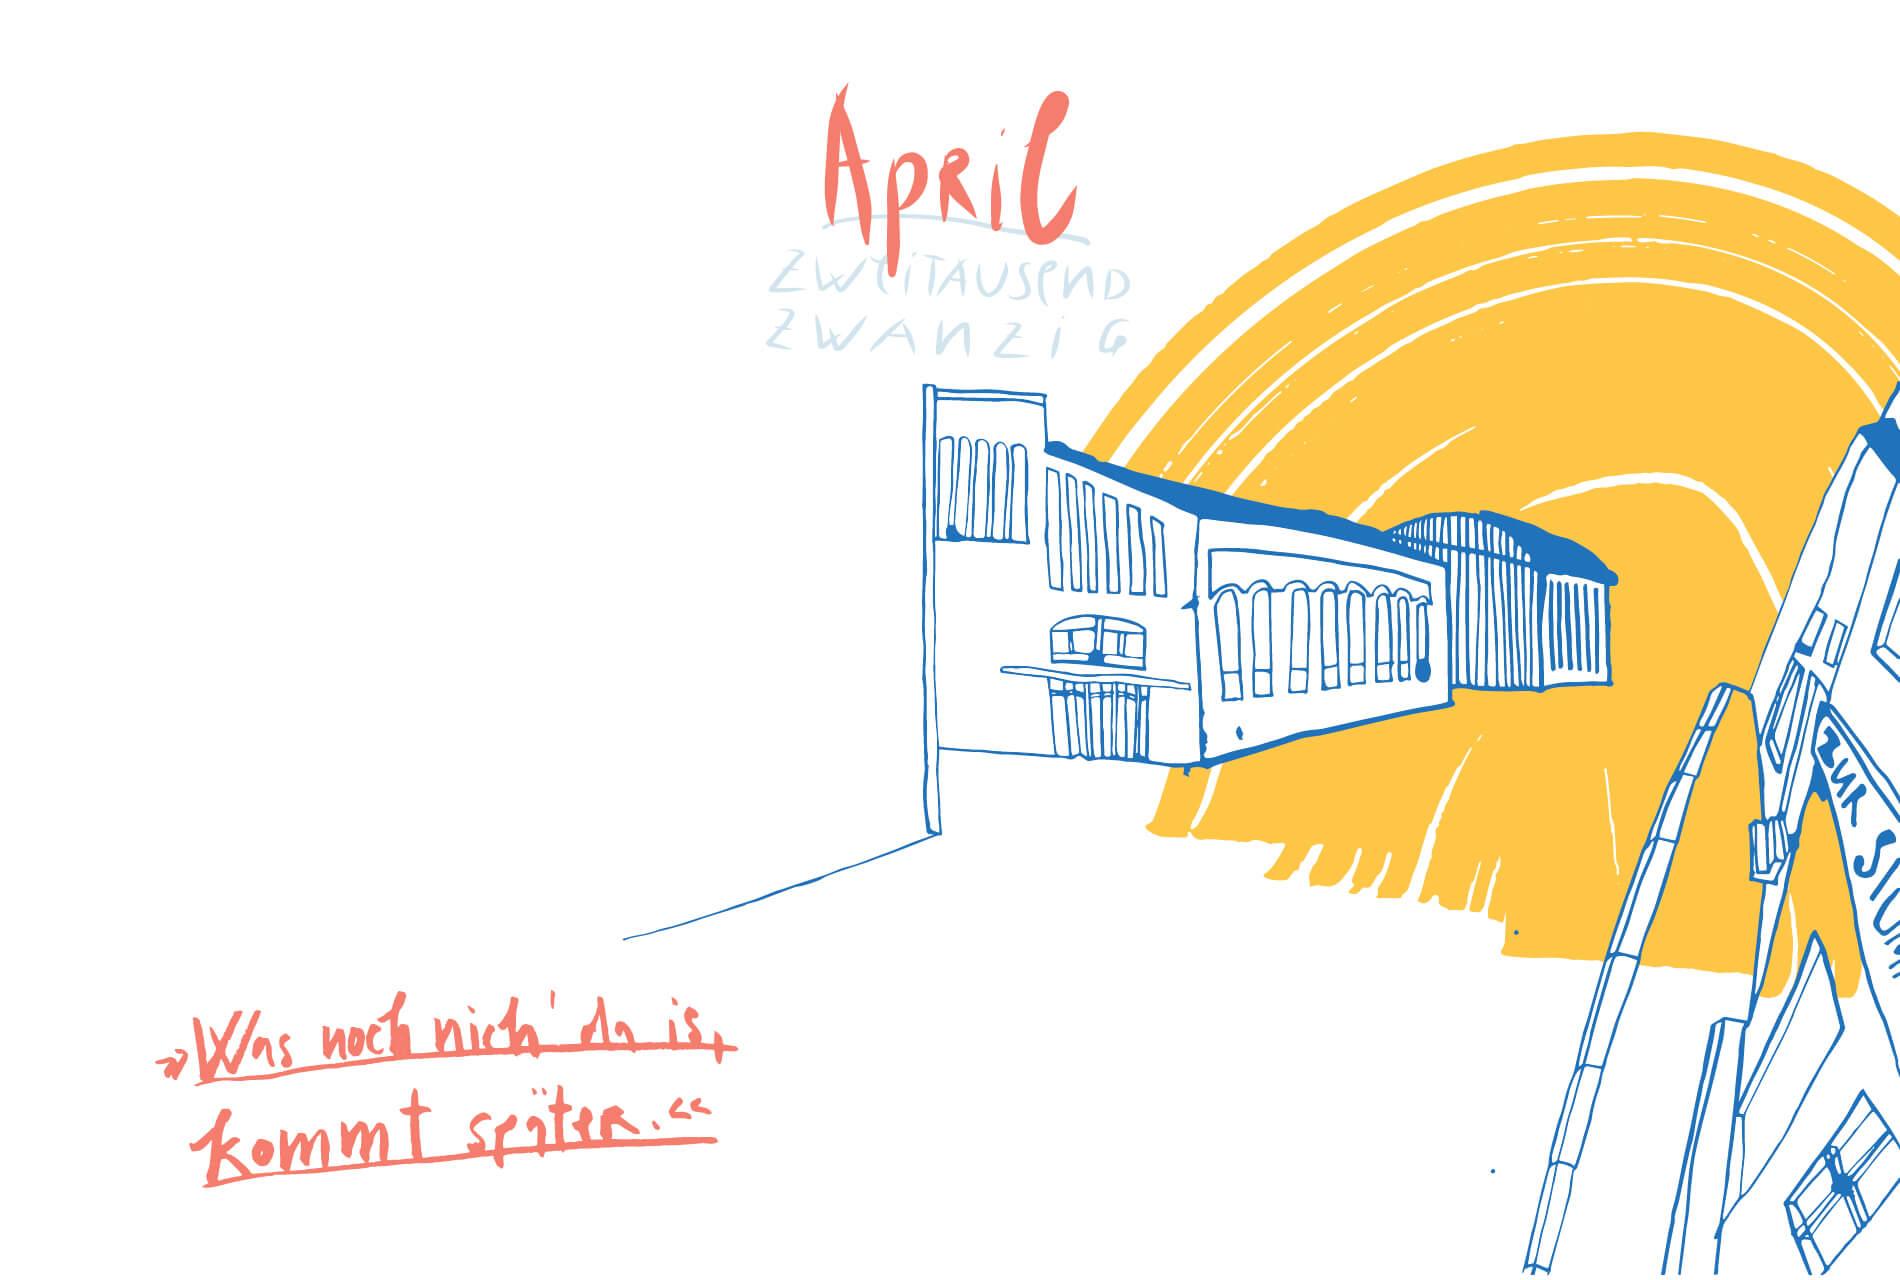 Matrosenhunde Illustration Zeichnung Illustratorin Text Prosa Monatskalender April, was noch nichts da ist, kommt später